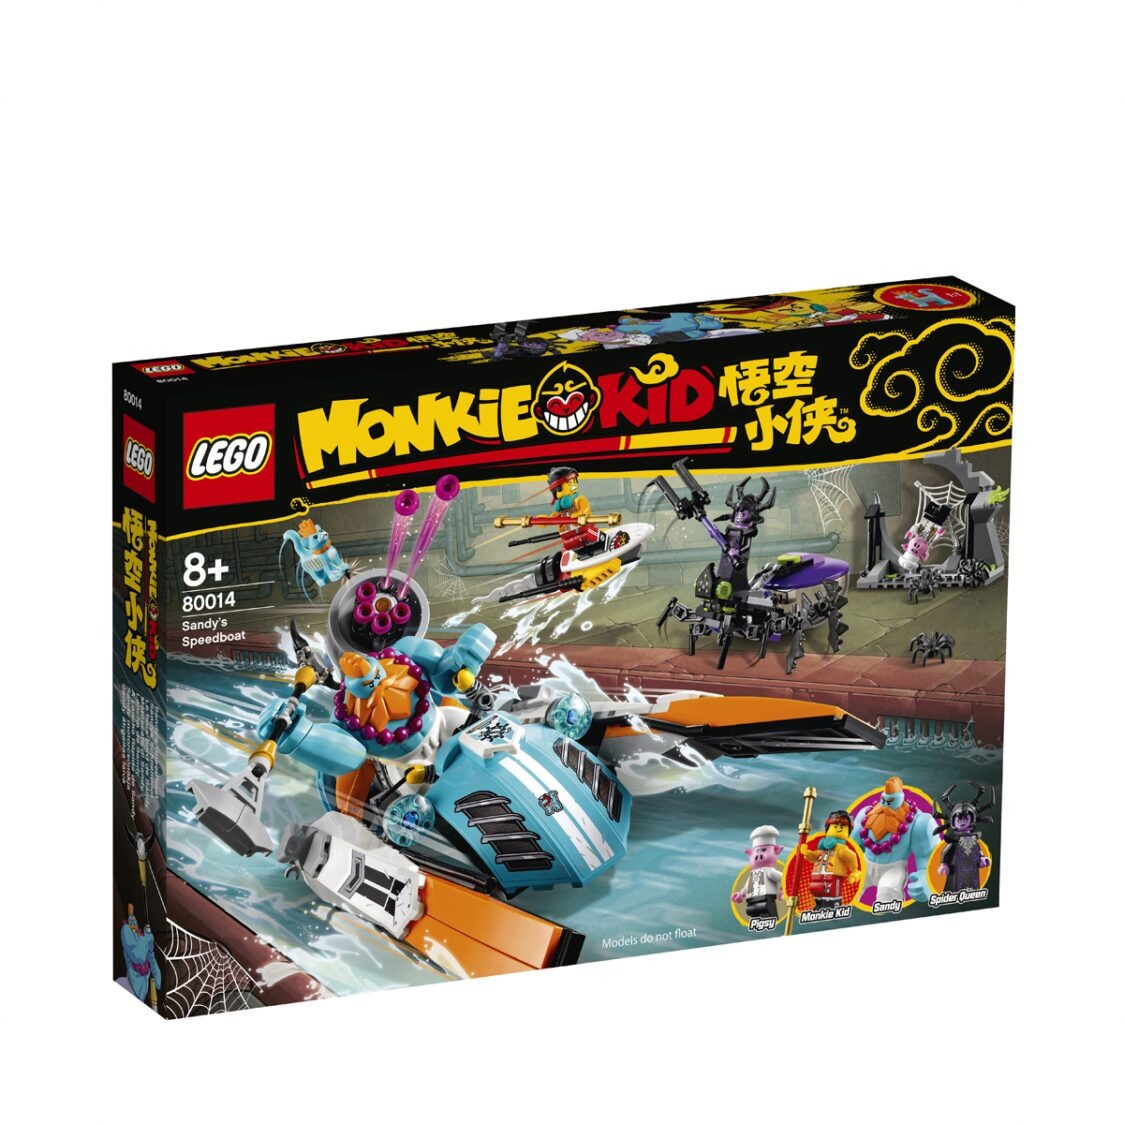 LEGO Sandys Speedboat 80014 V29